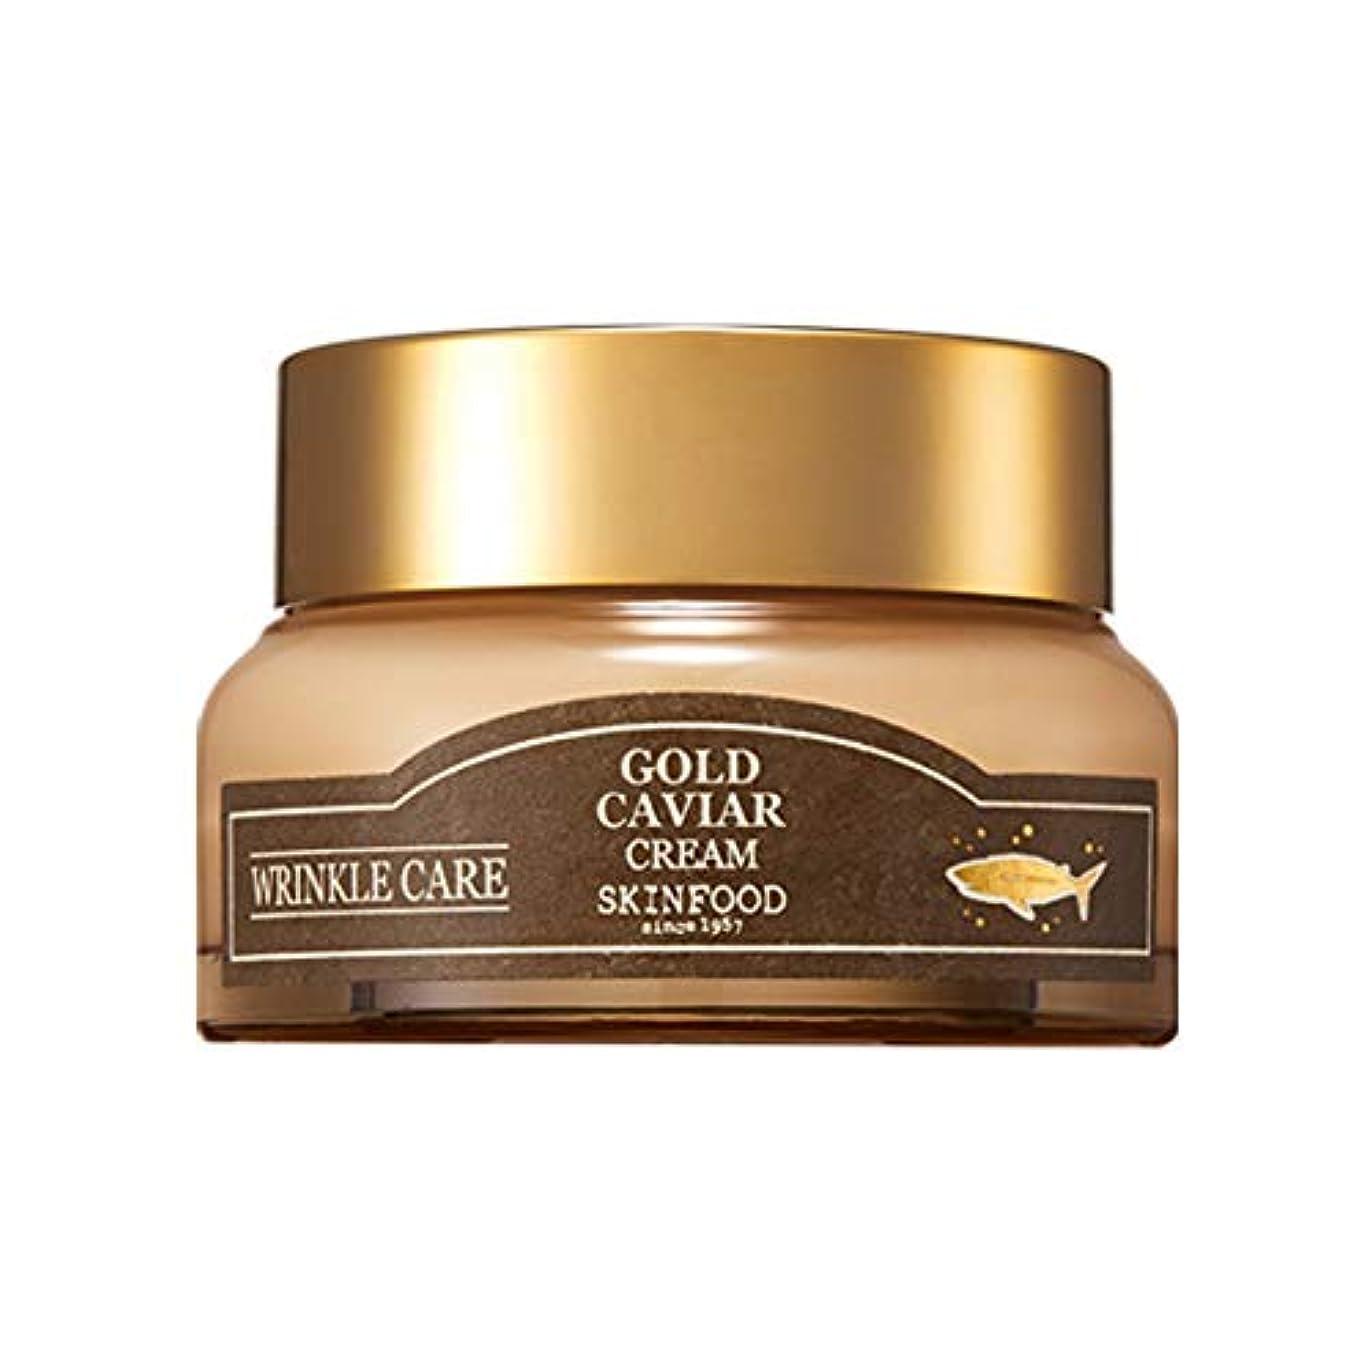 ポジションマトンマーケティングSkinfood ゴールドキャビアクリーム[しわケア用化粧品] / Gold Caviar Cream [Cosmeceutical for wrinkle care] 54ml [並行輸入品]